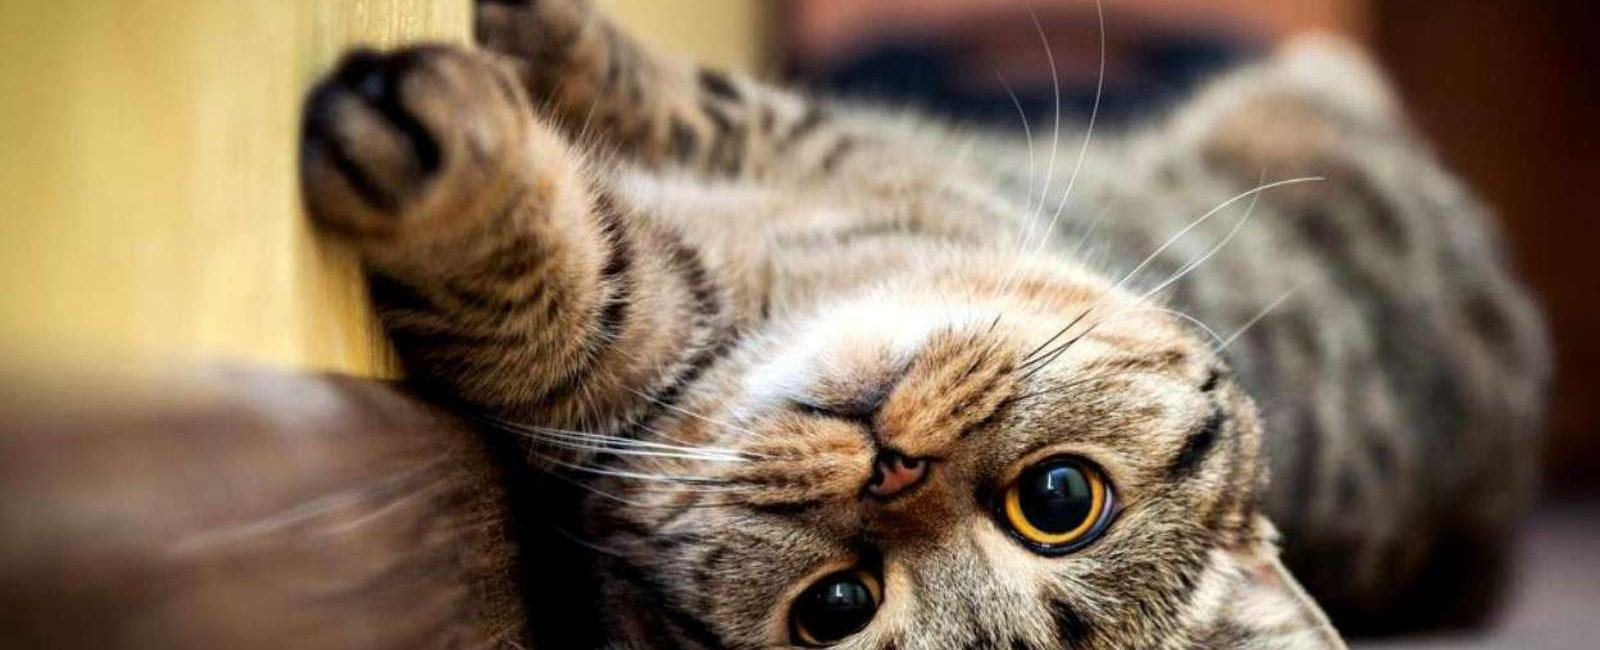 Curiozități despre labele pisicilor